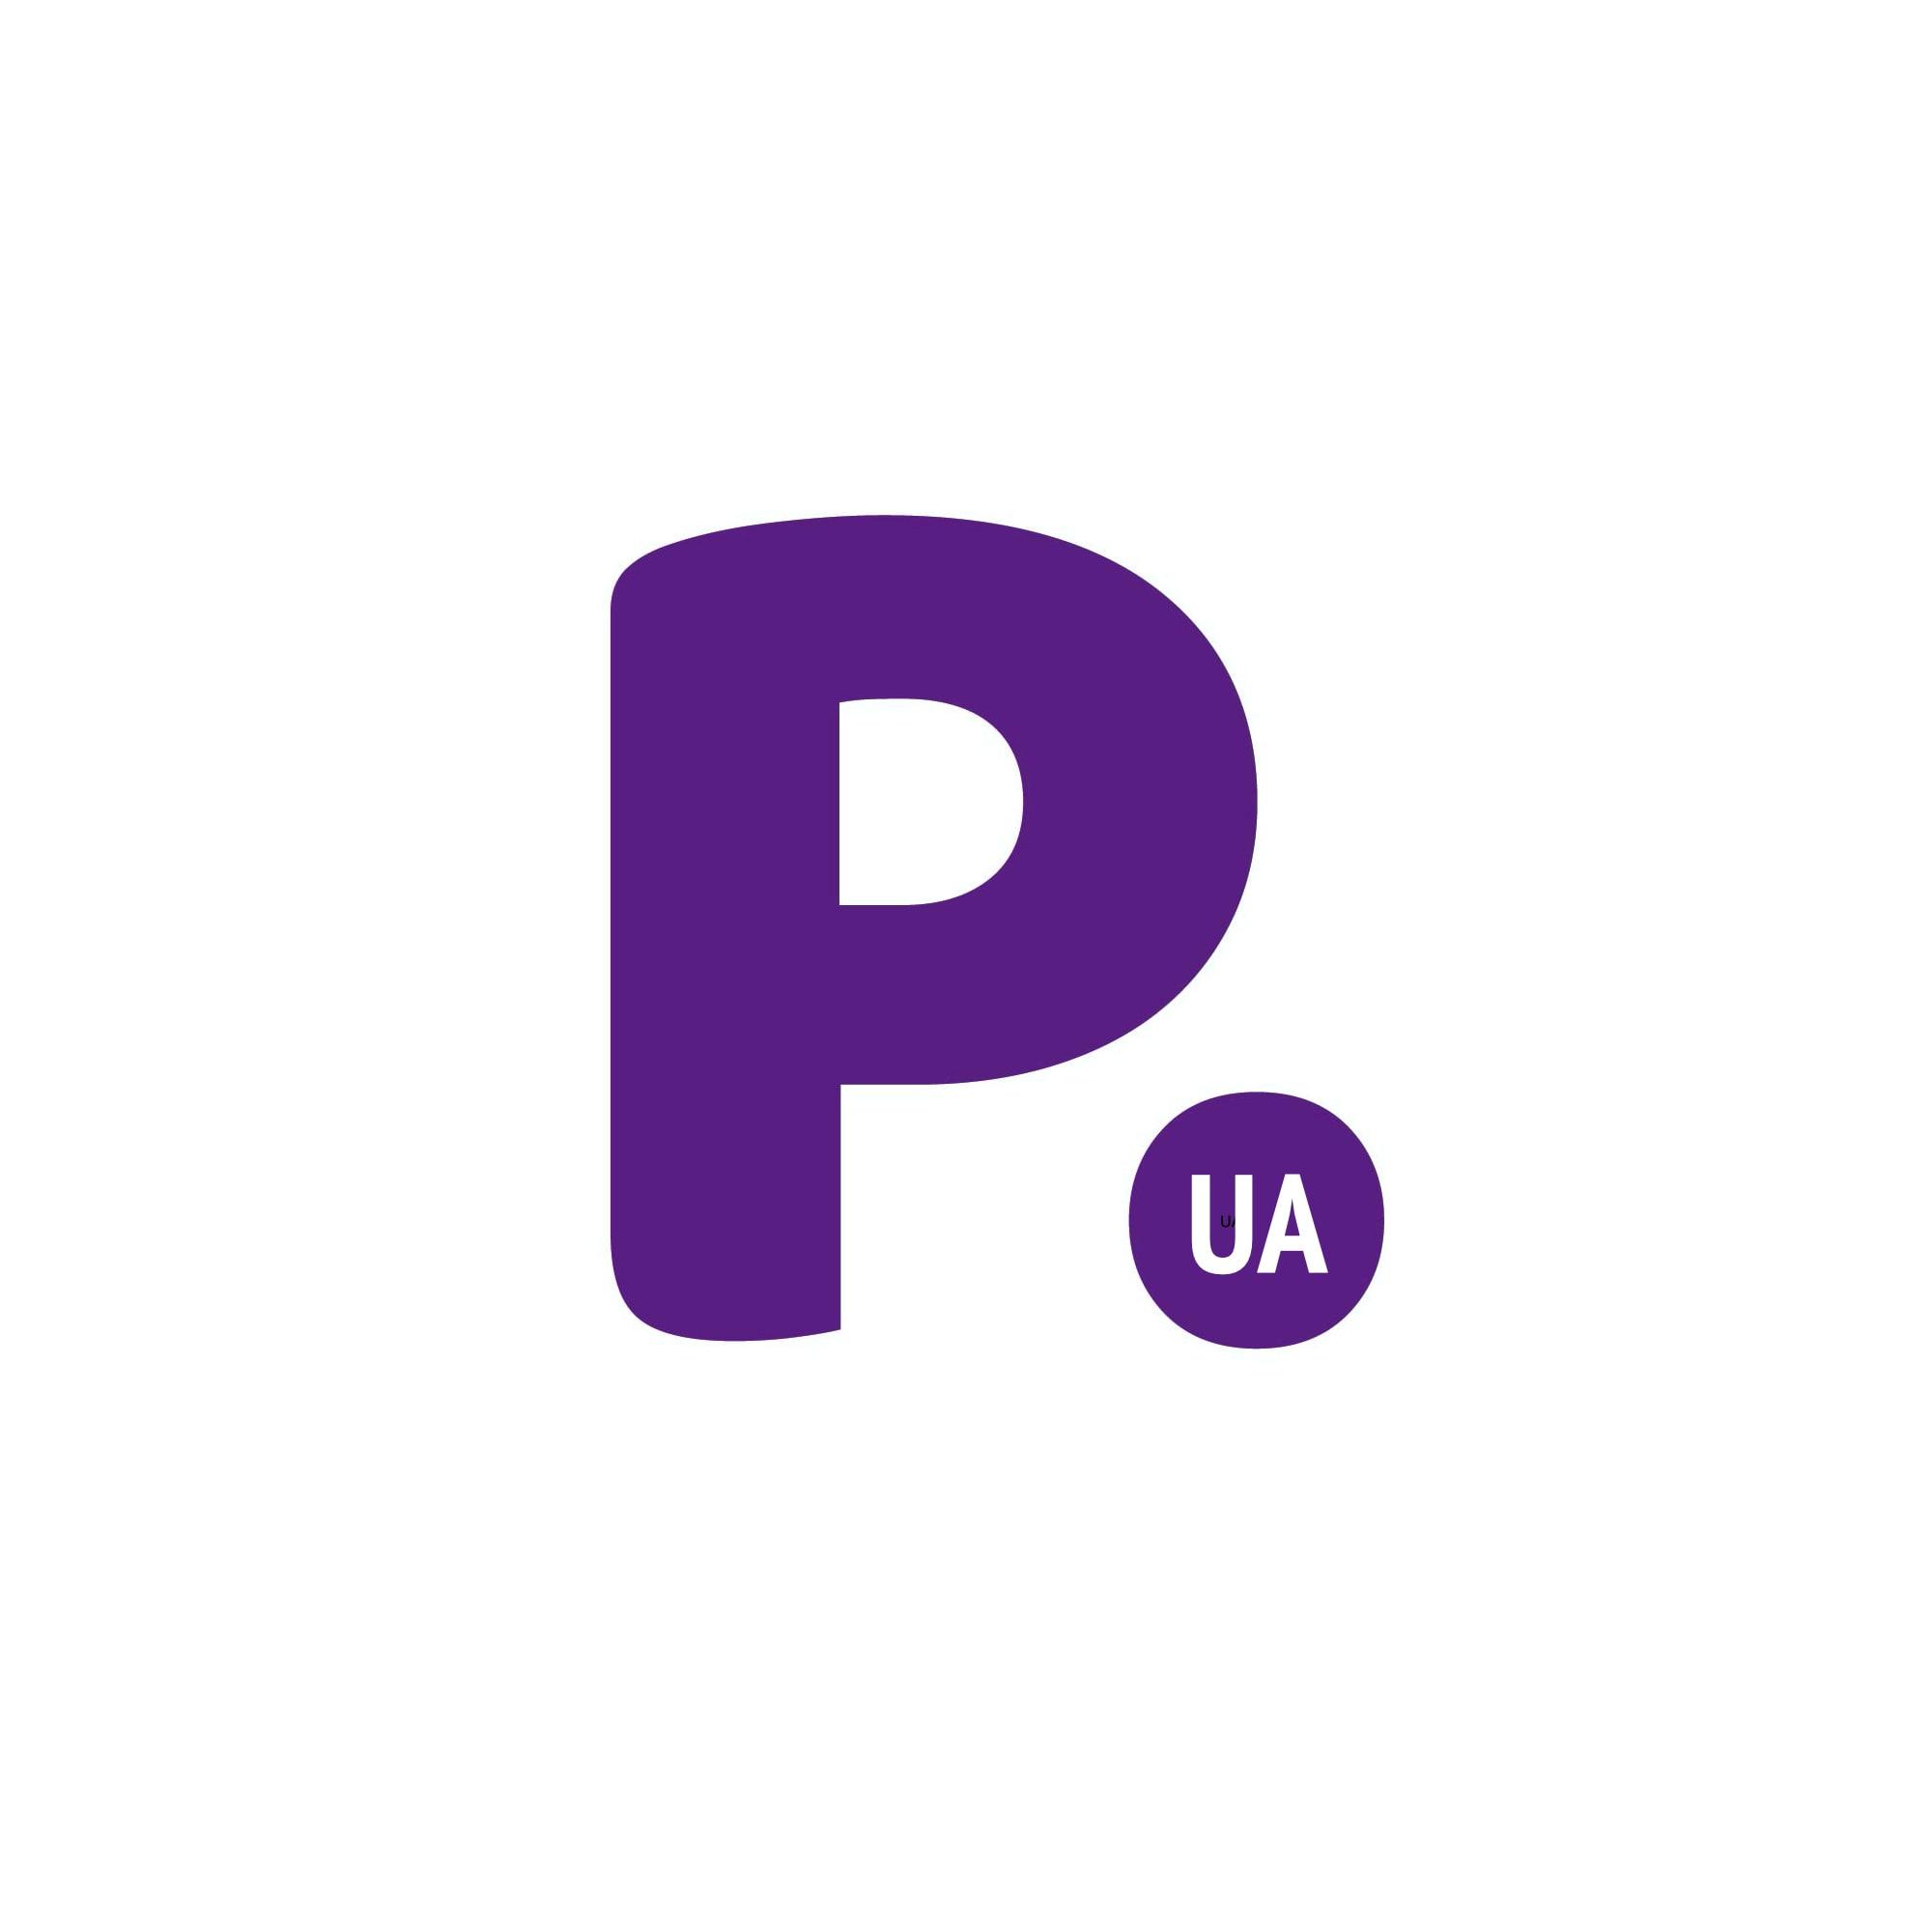 Універсальна мобільна батарея PowerPlant PB-LA9236 7800mAh (PPLA9236) з універсальним кабелем